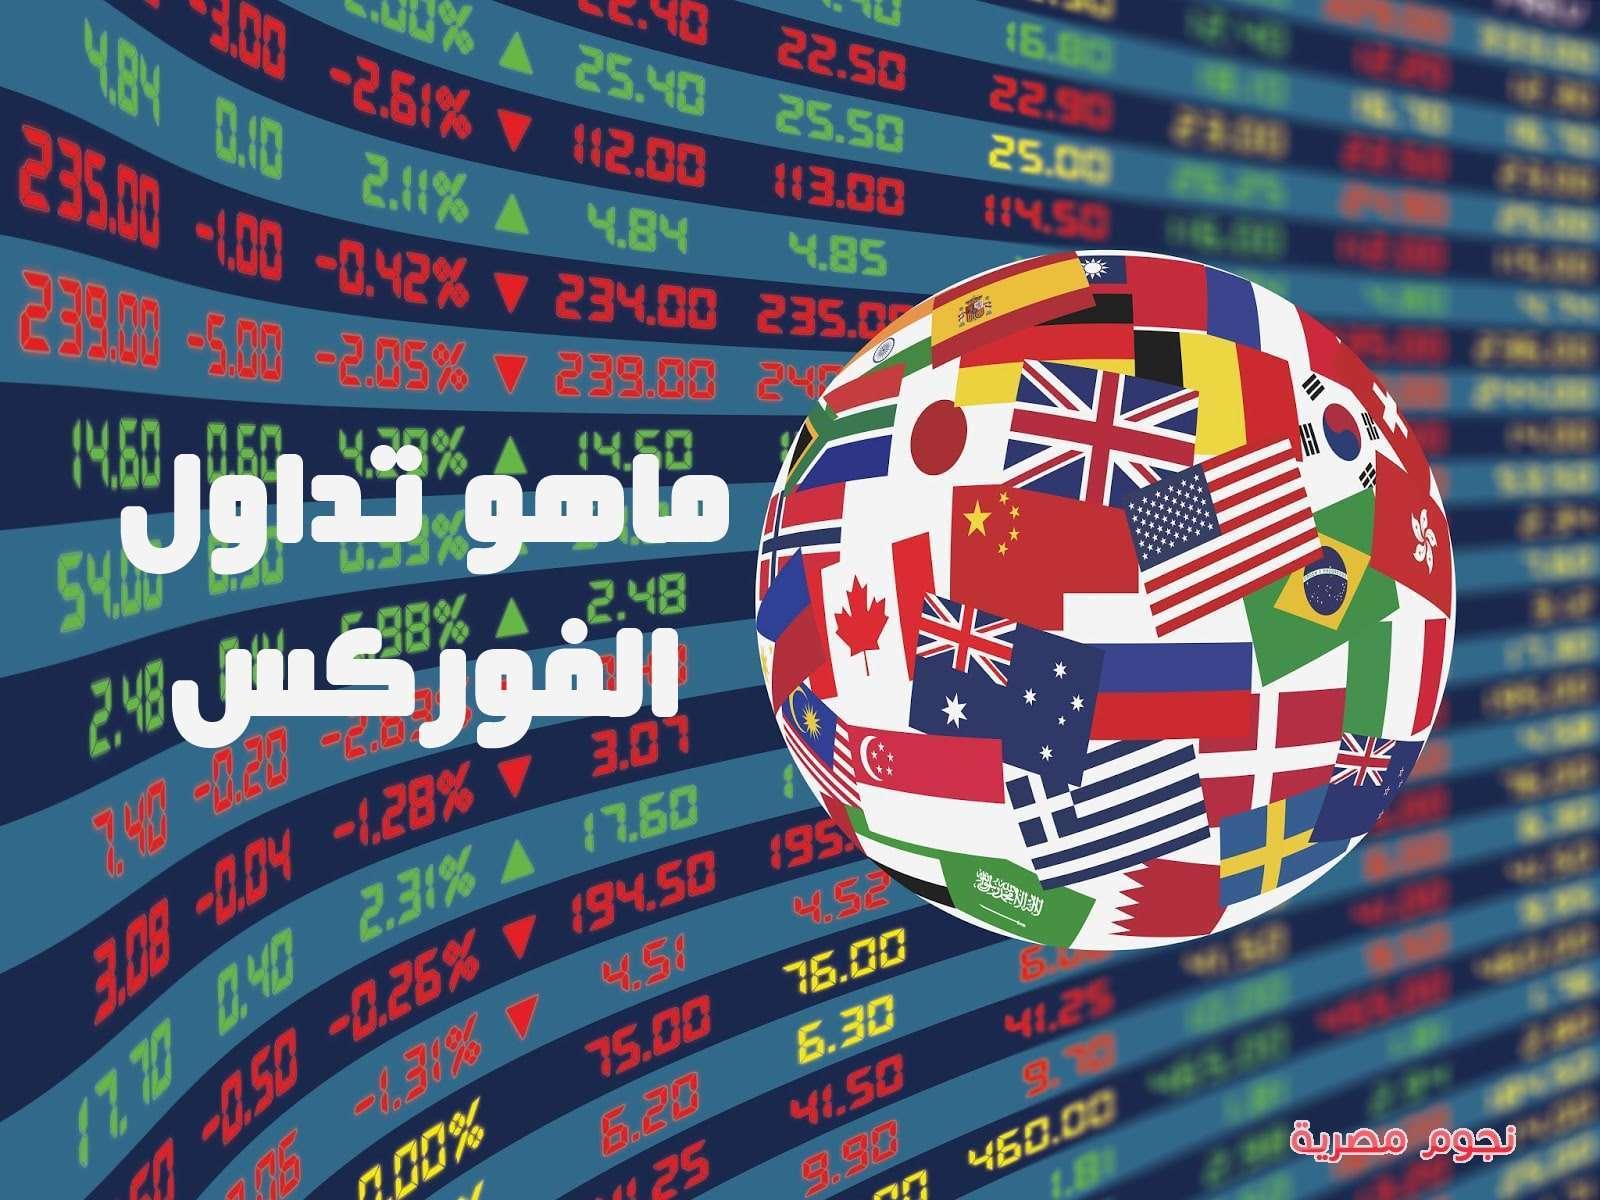 تجارة العملات تجارة الفوركس تعلم التداول من الصفر